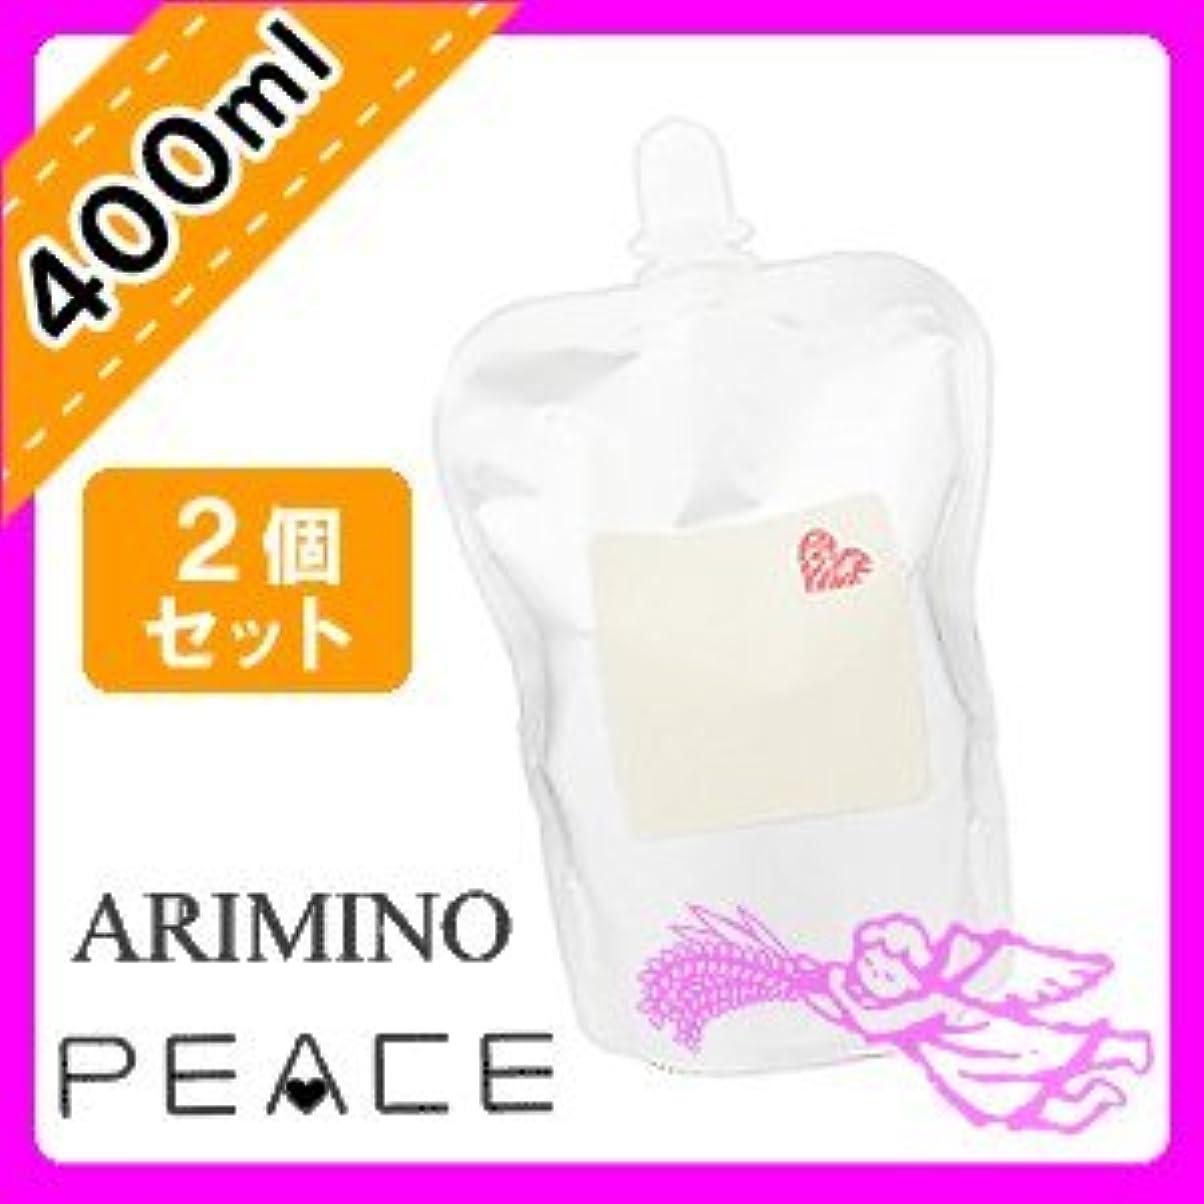 立ち寄る転用レタッチアリミノ ピース ホイップワックス ナチュラルウェーブ ホイップ400mL ×2個 セット詰め替え用 arimino PEACE